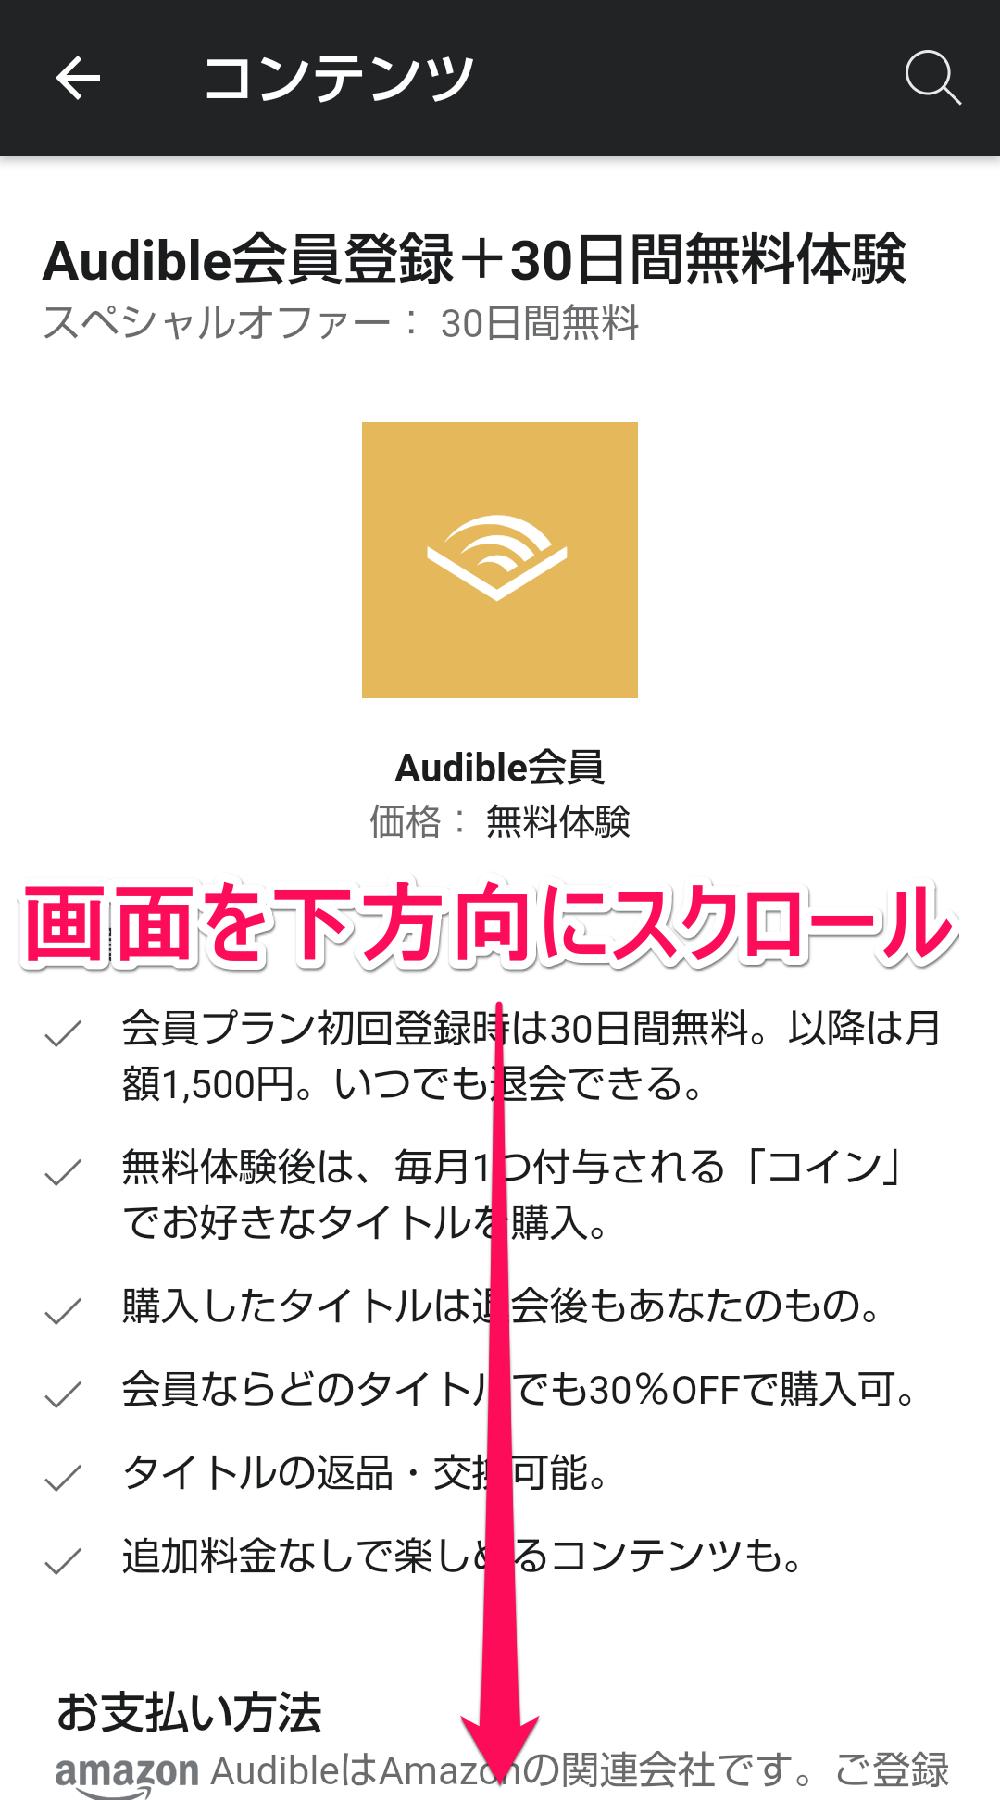 Audibleアプリ(オーディブルアプリ)の支払い方法を確認する画面(上)